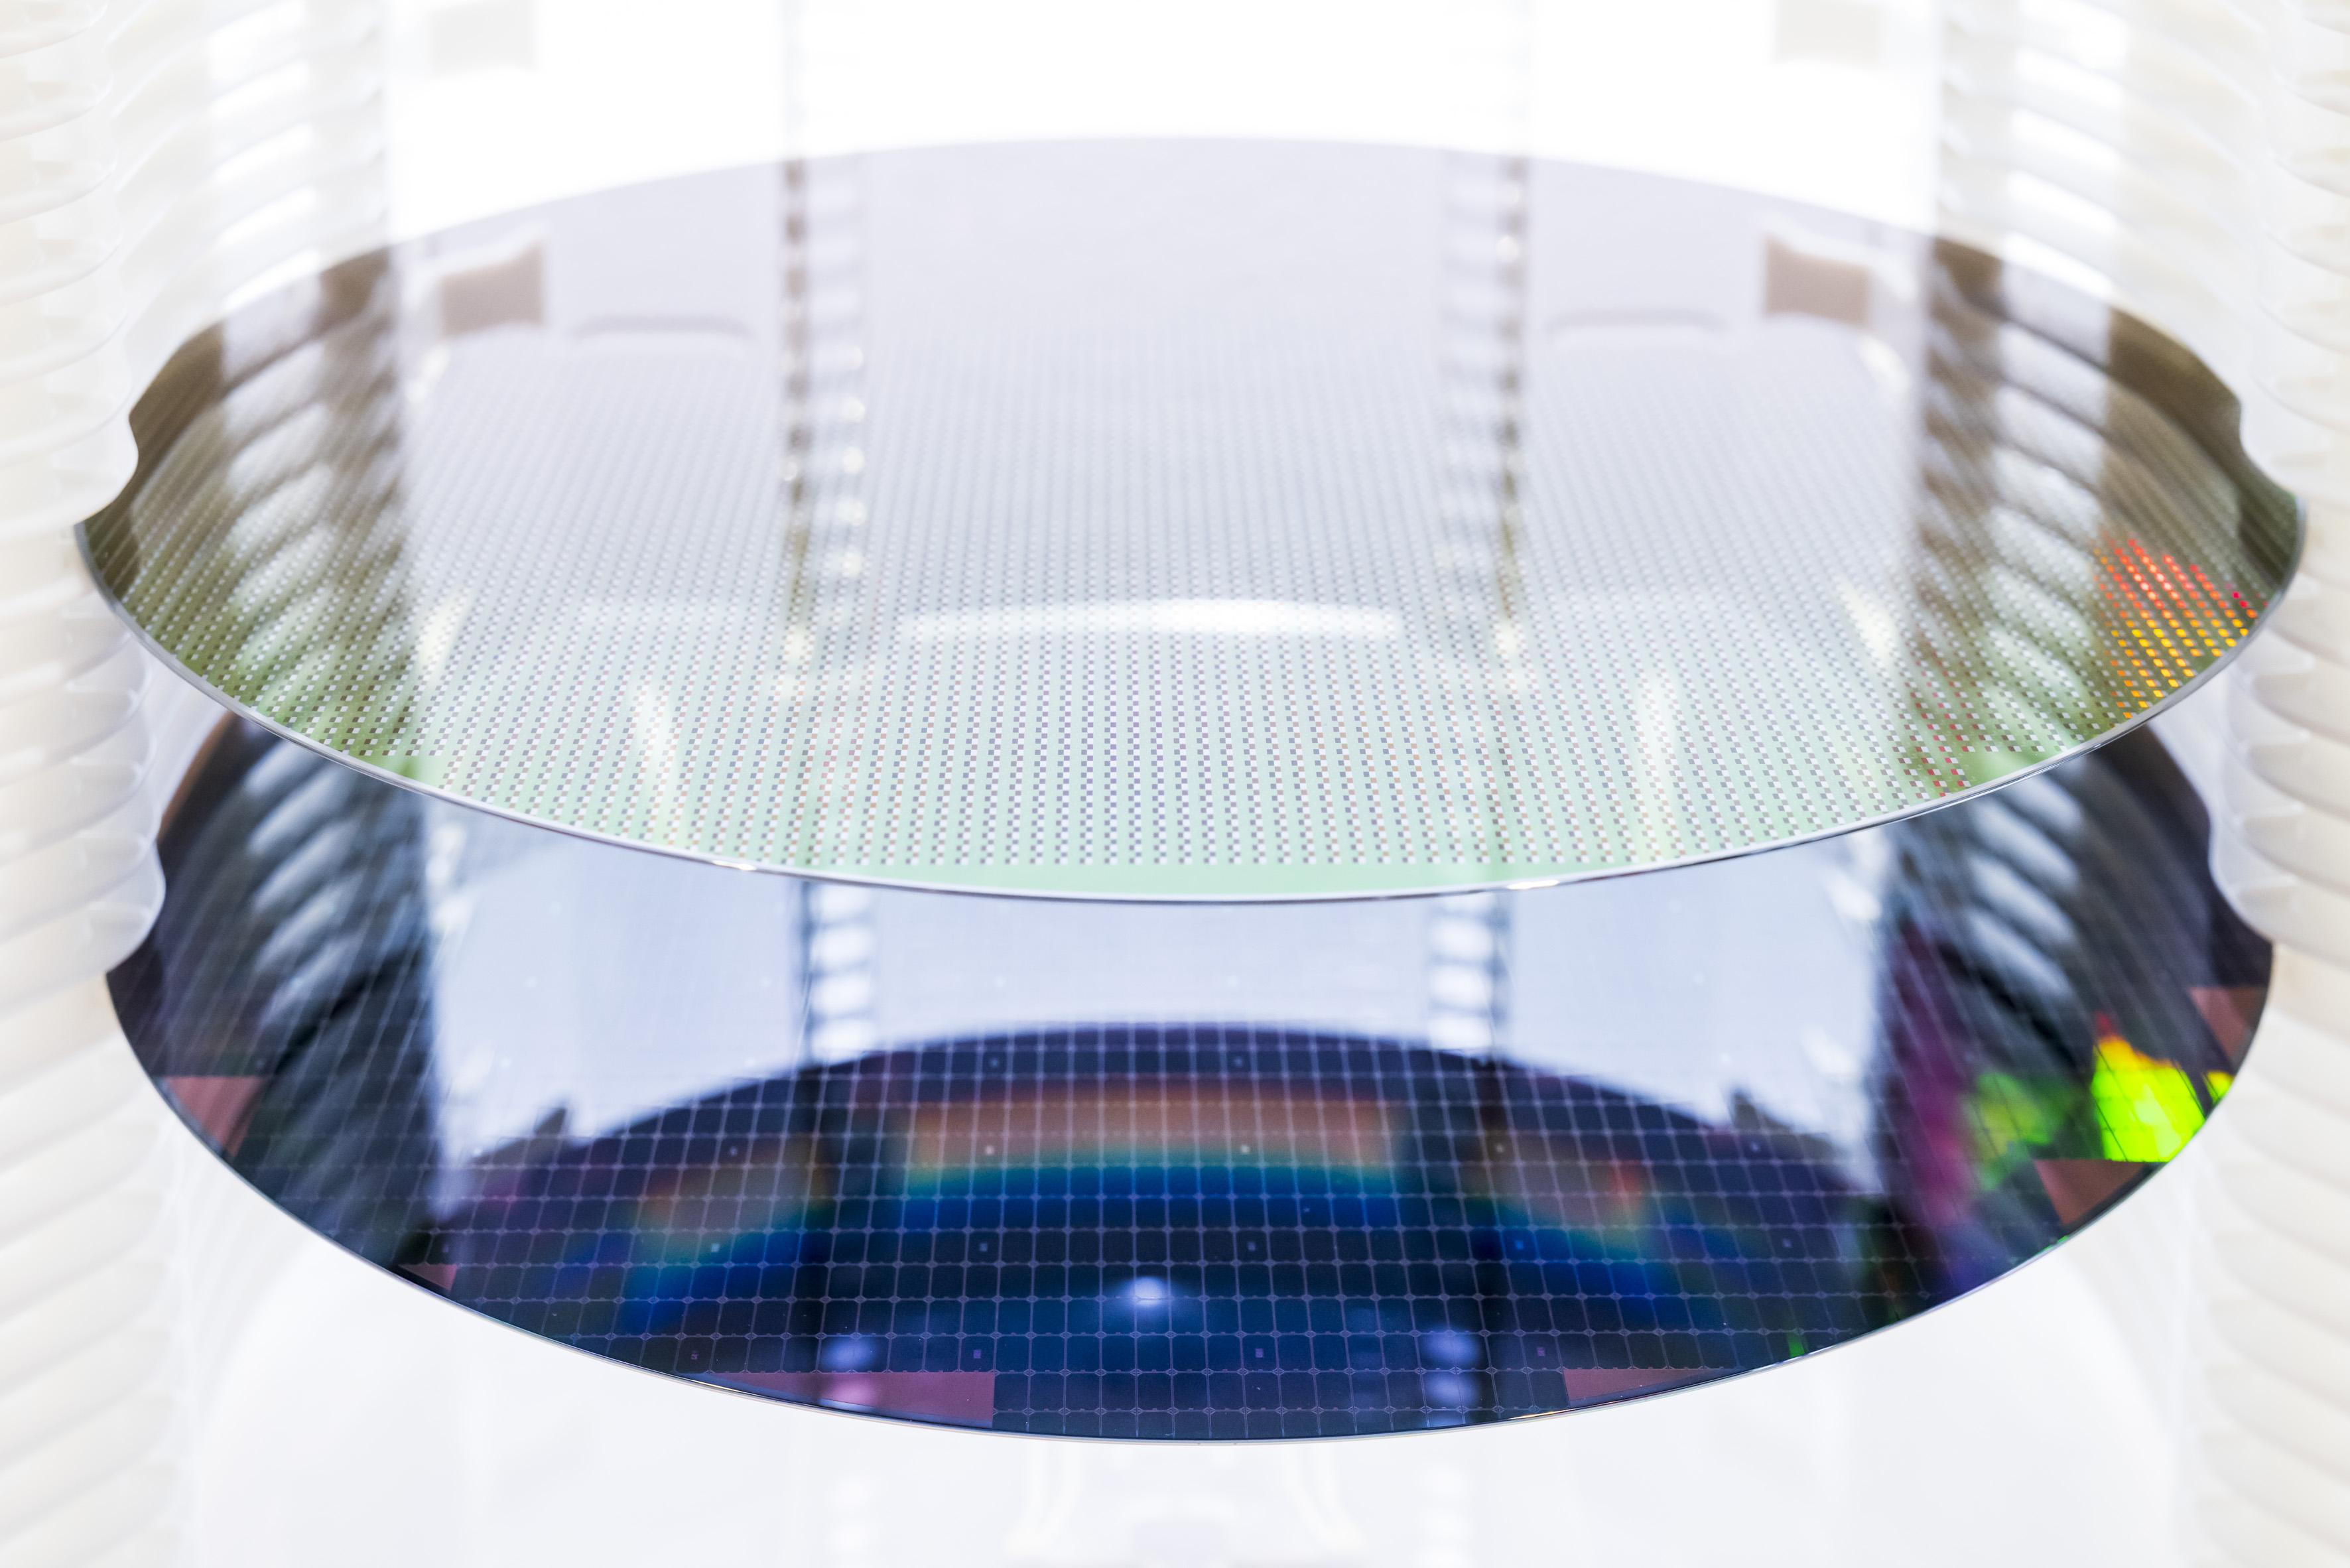 První wafery procházejí plně automatizovaným výrobním procesem v nové továrně Bosch v Drážďanech